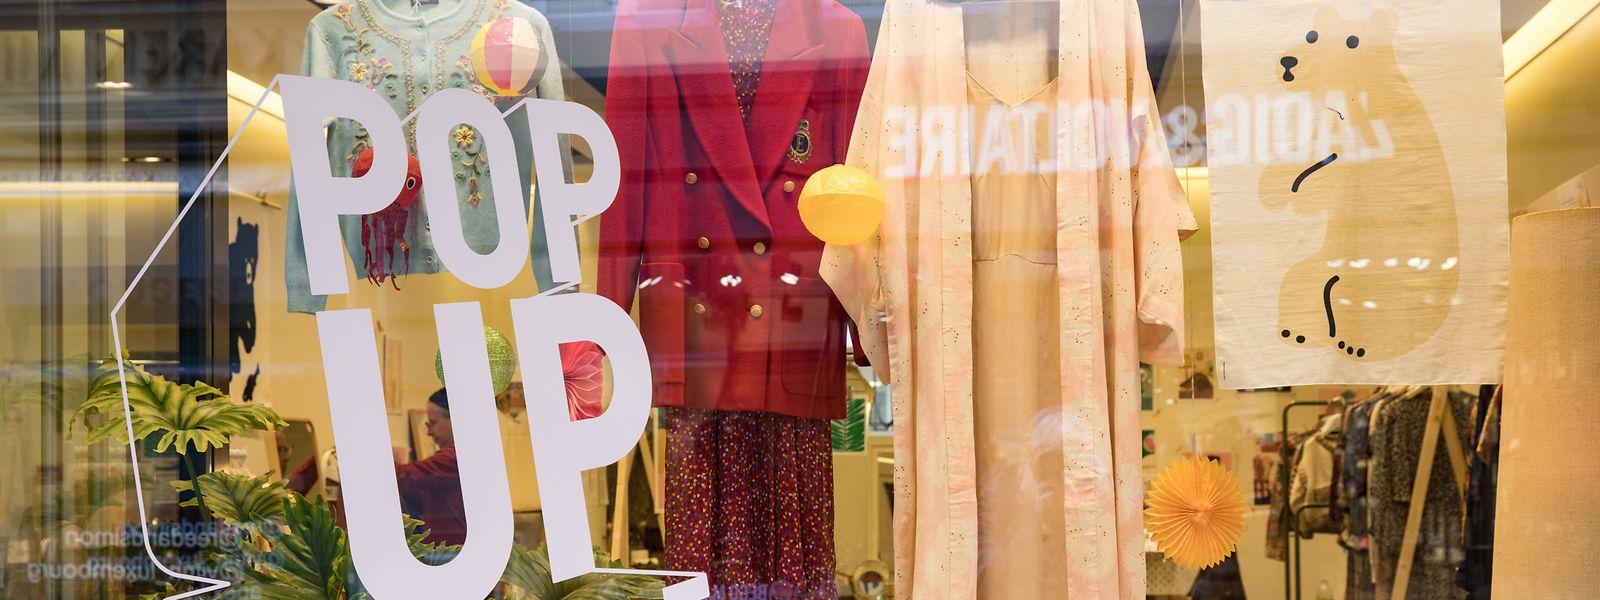 In der Hauptstadt öffnen immer mehr sogenannte Pop-up-Stores ihre Türen.